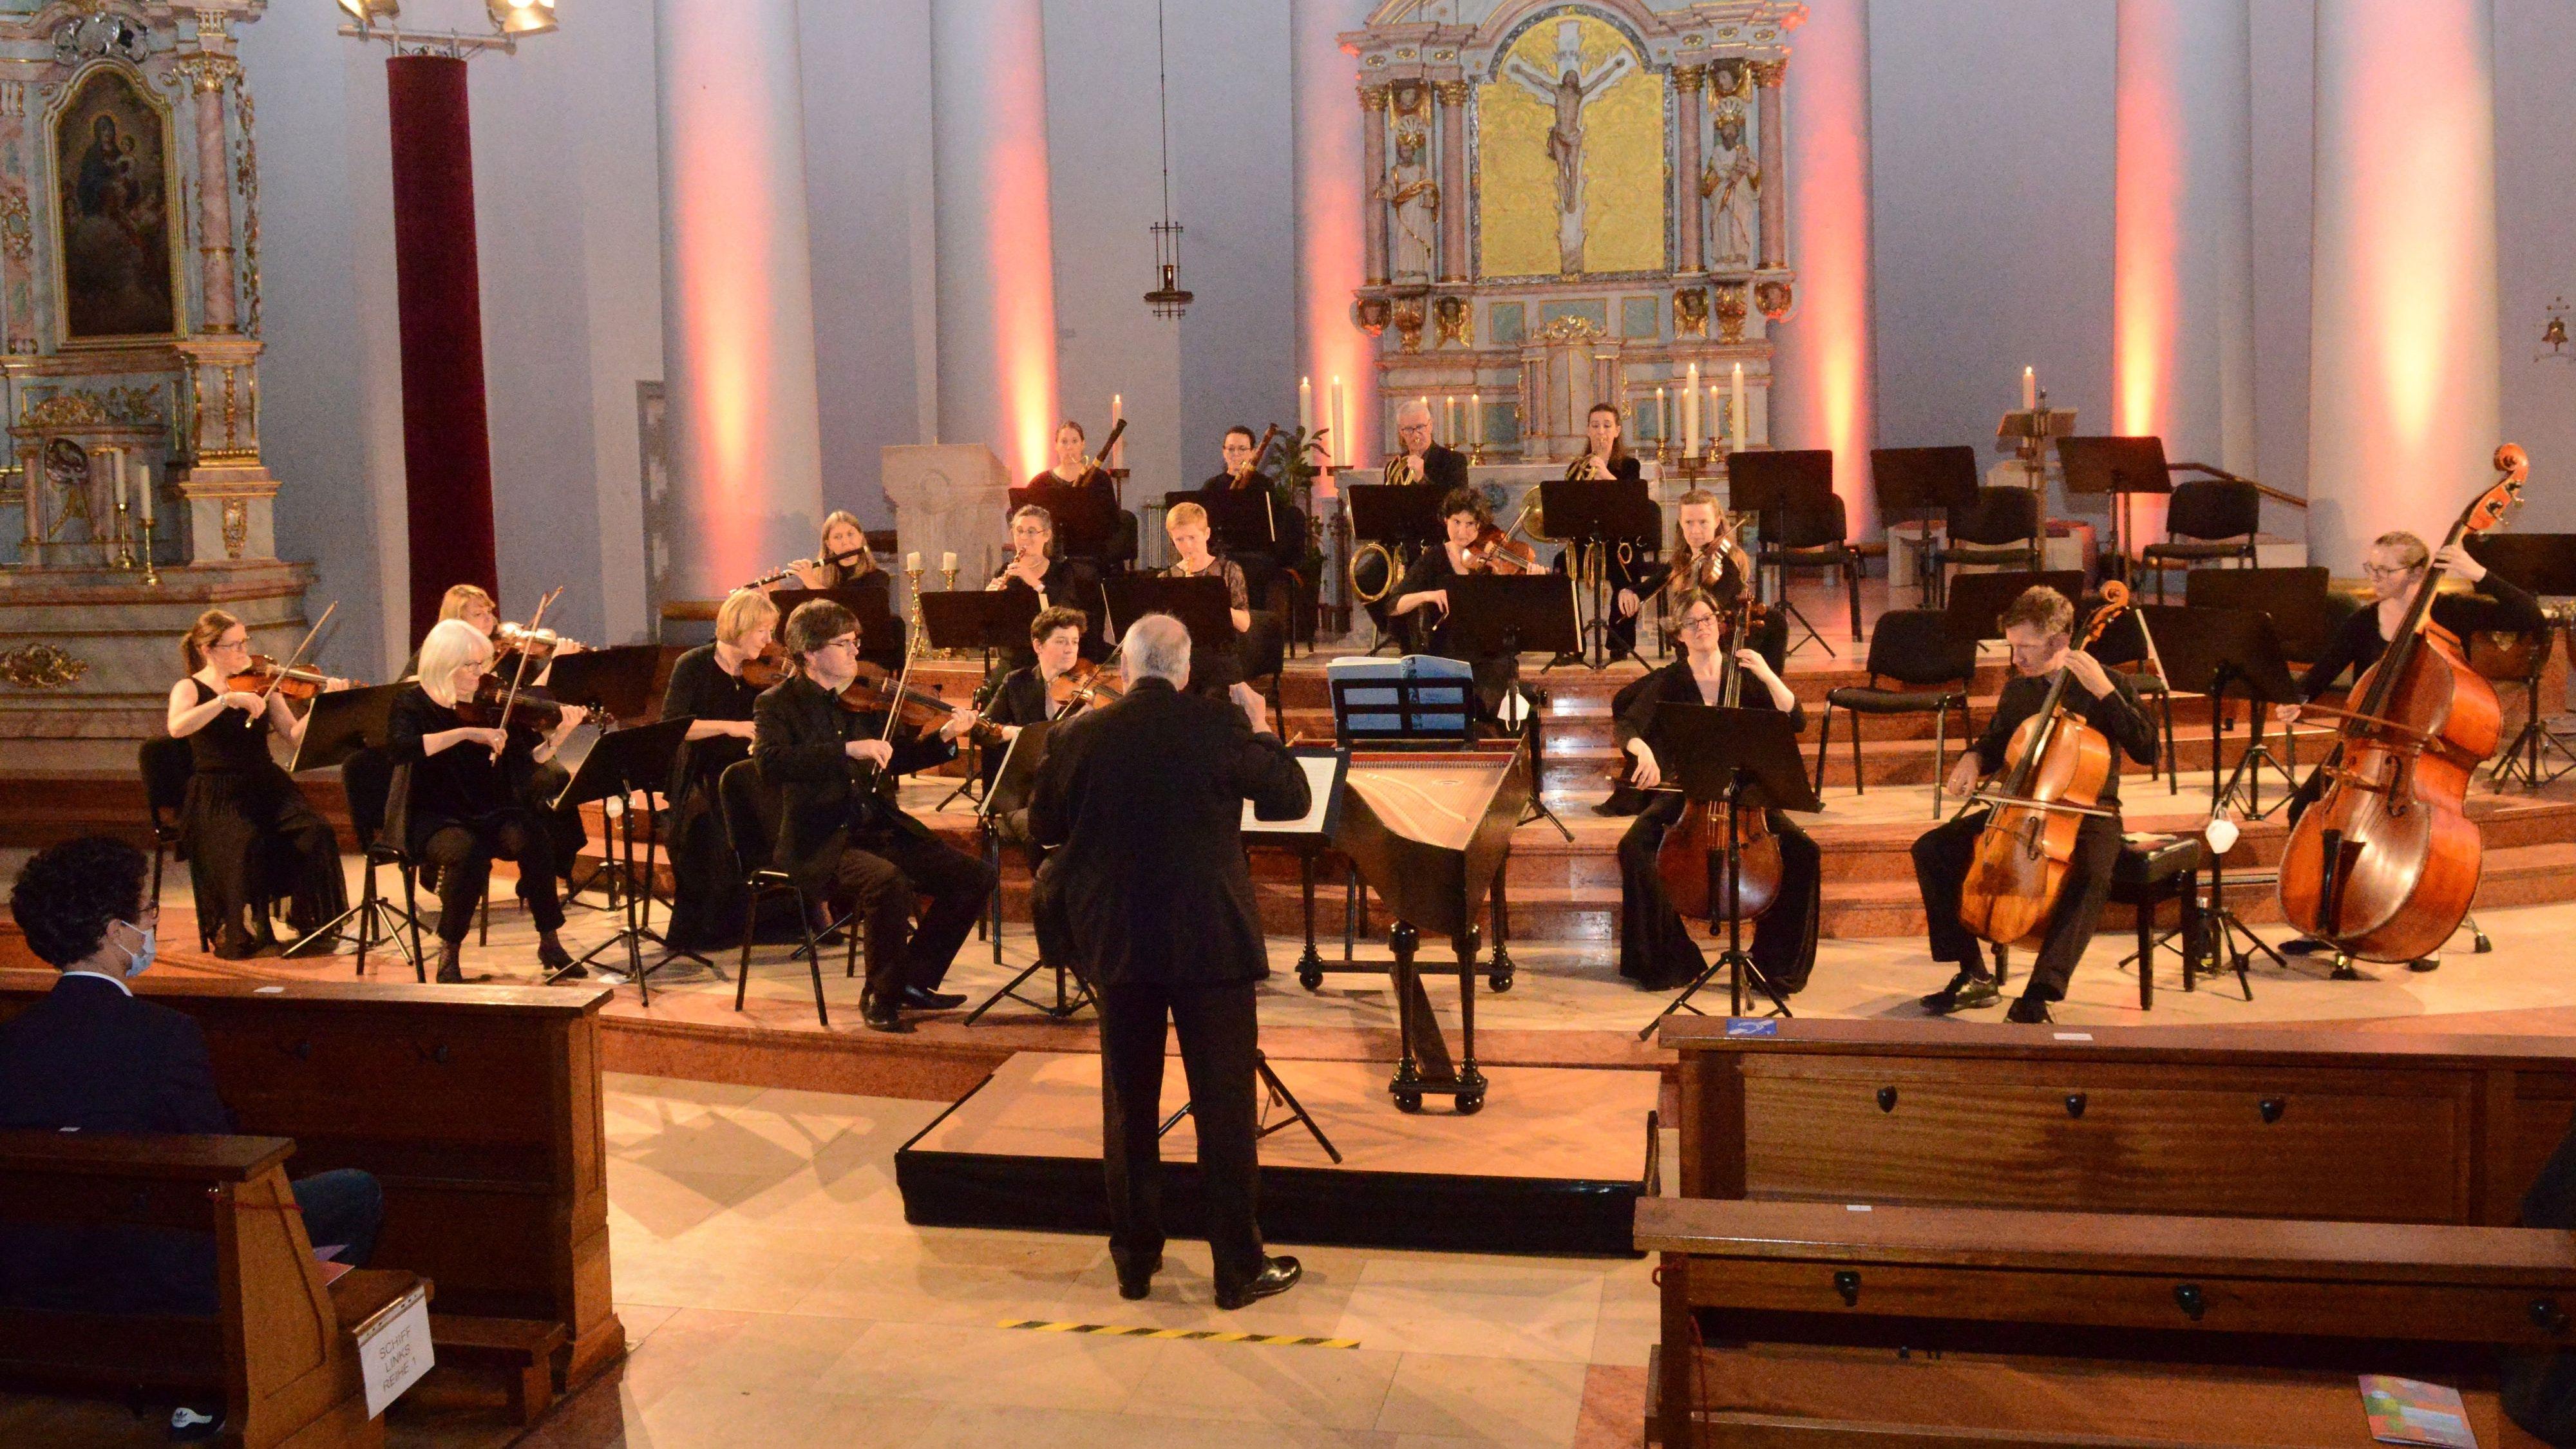 Lässt seine Instrumente erklingen: Das Orchester Dunedin Consort hat bereits einen Grammophon-Award erhalten und wurde ebenfalls schon für den Grammy nominiert. Foto: Siemer